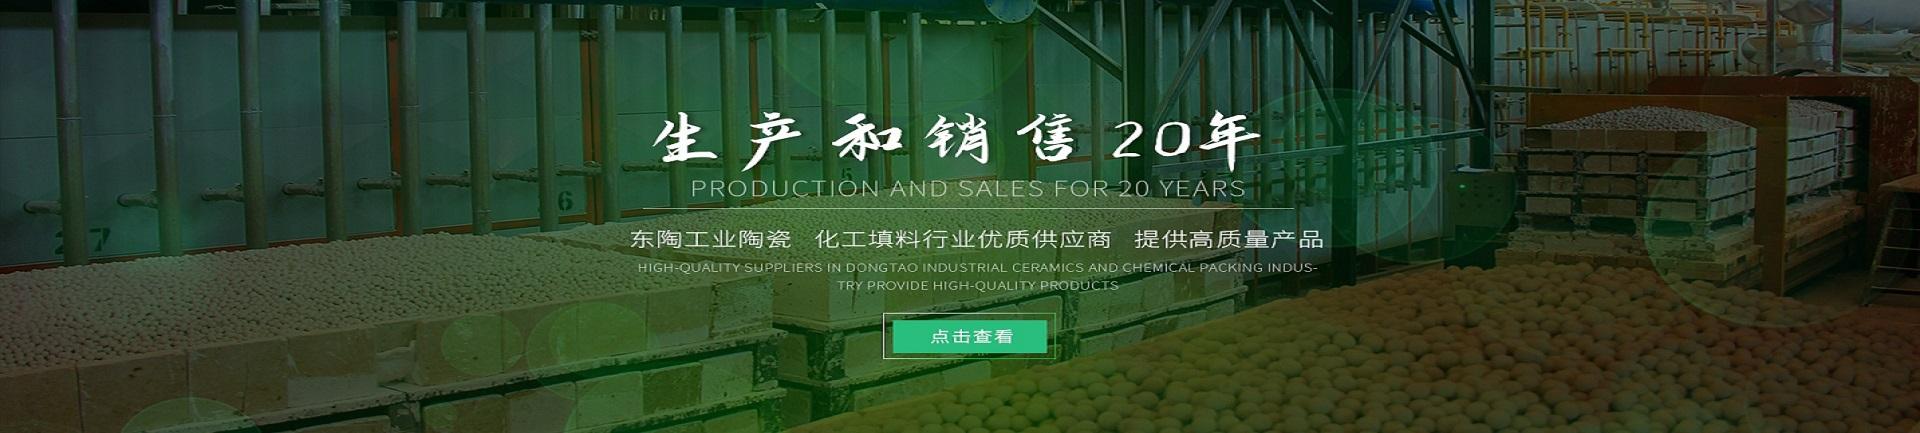 萍乡东陶陶瓷-化工填料行业优质供应商